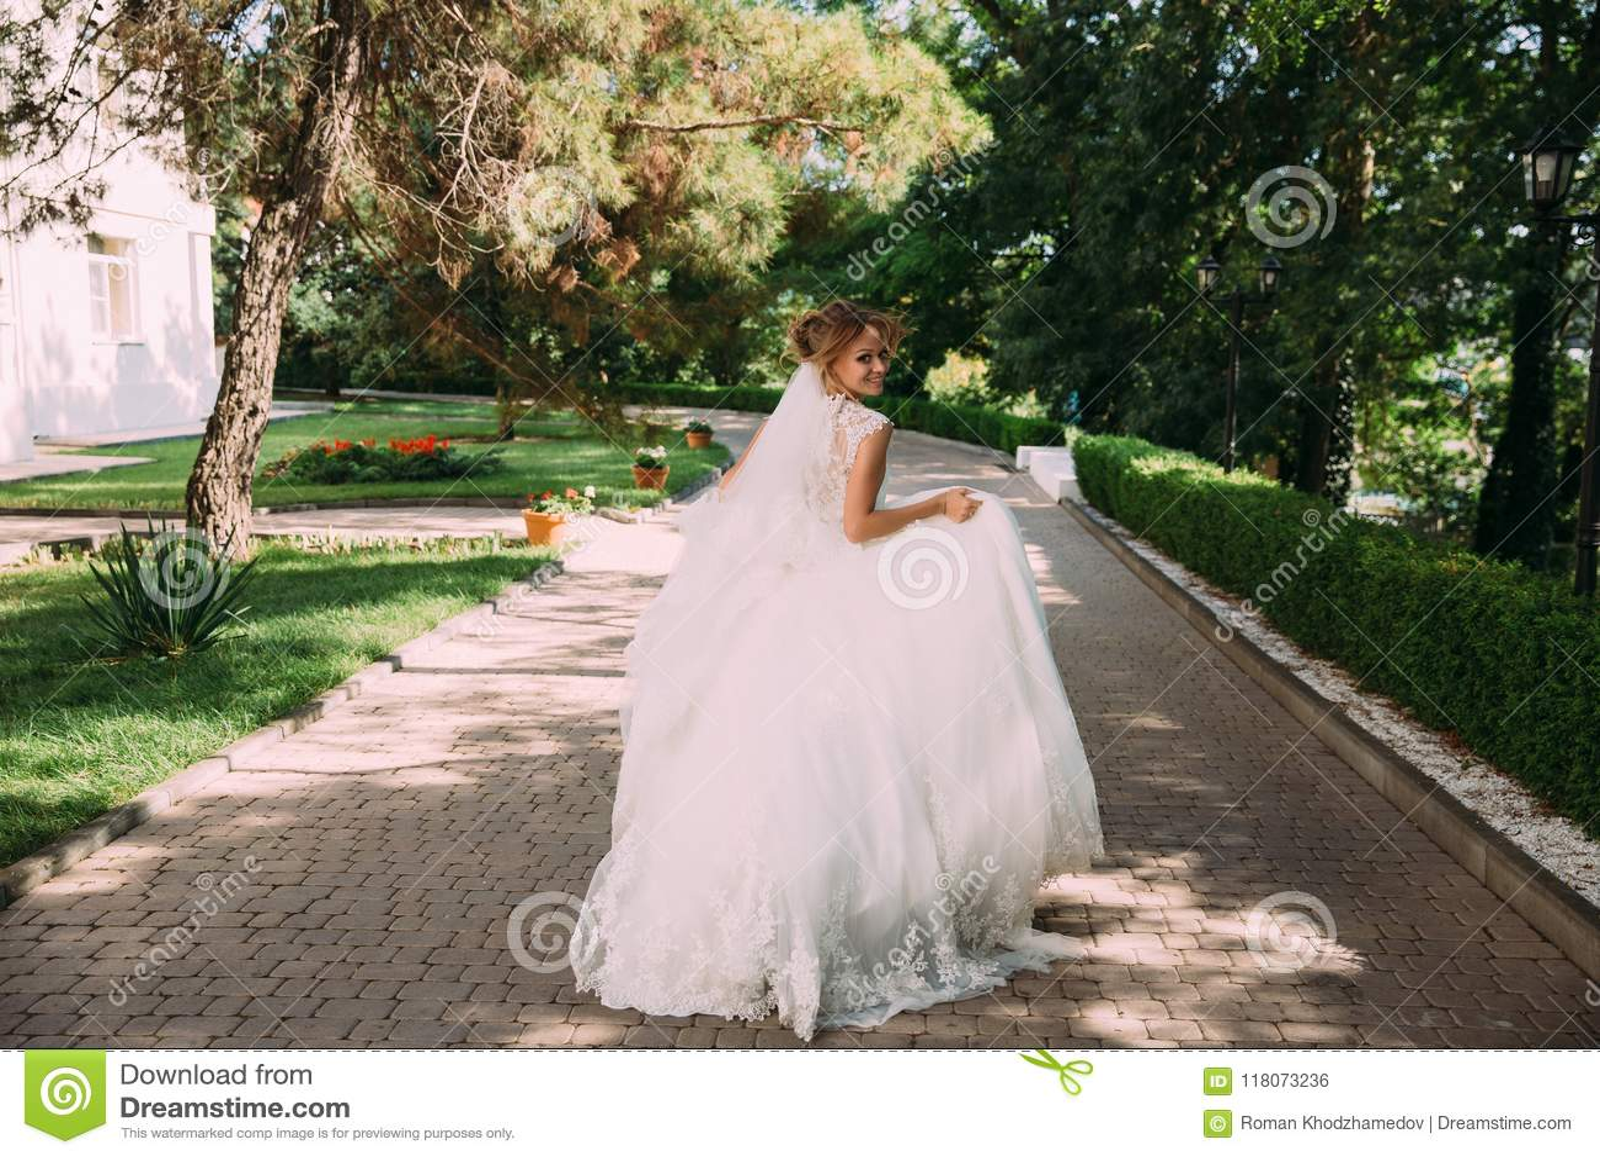 Η νύφη τρέχει παιχνιδιάρικα κατά μήκος της αλέας των πετρών Το κορίτσι στο γαμήλιο φόρεμα έχει τη διασκέδαση και τρέχει μακριά